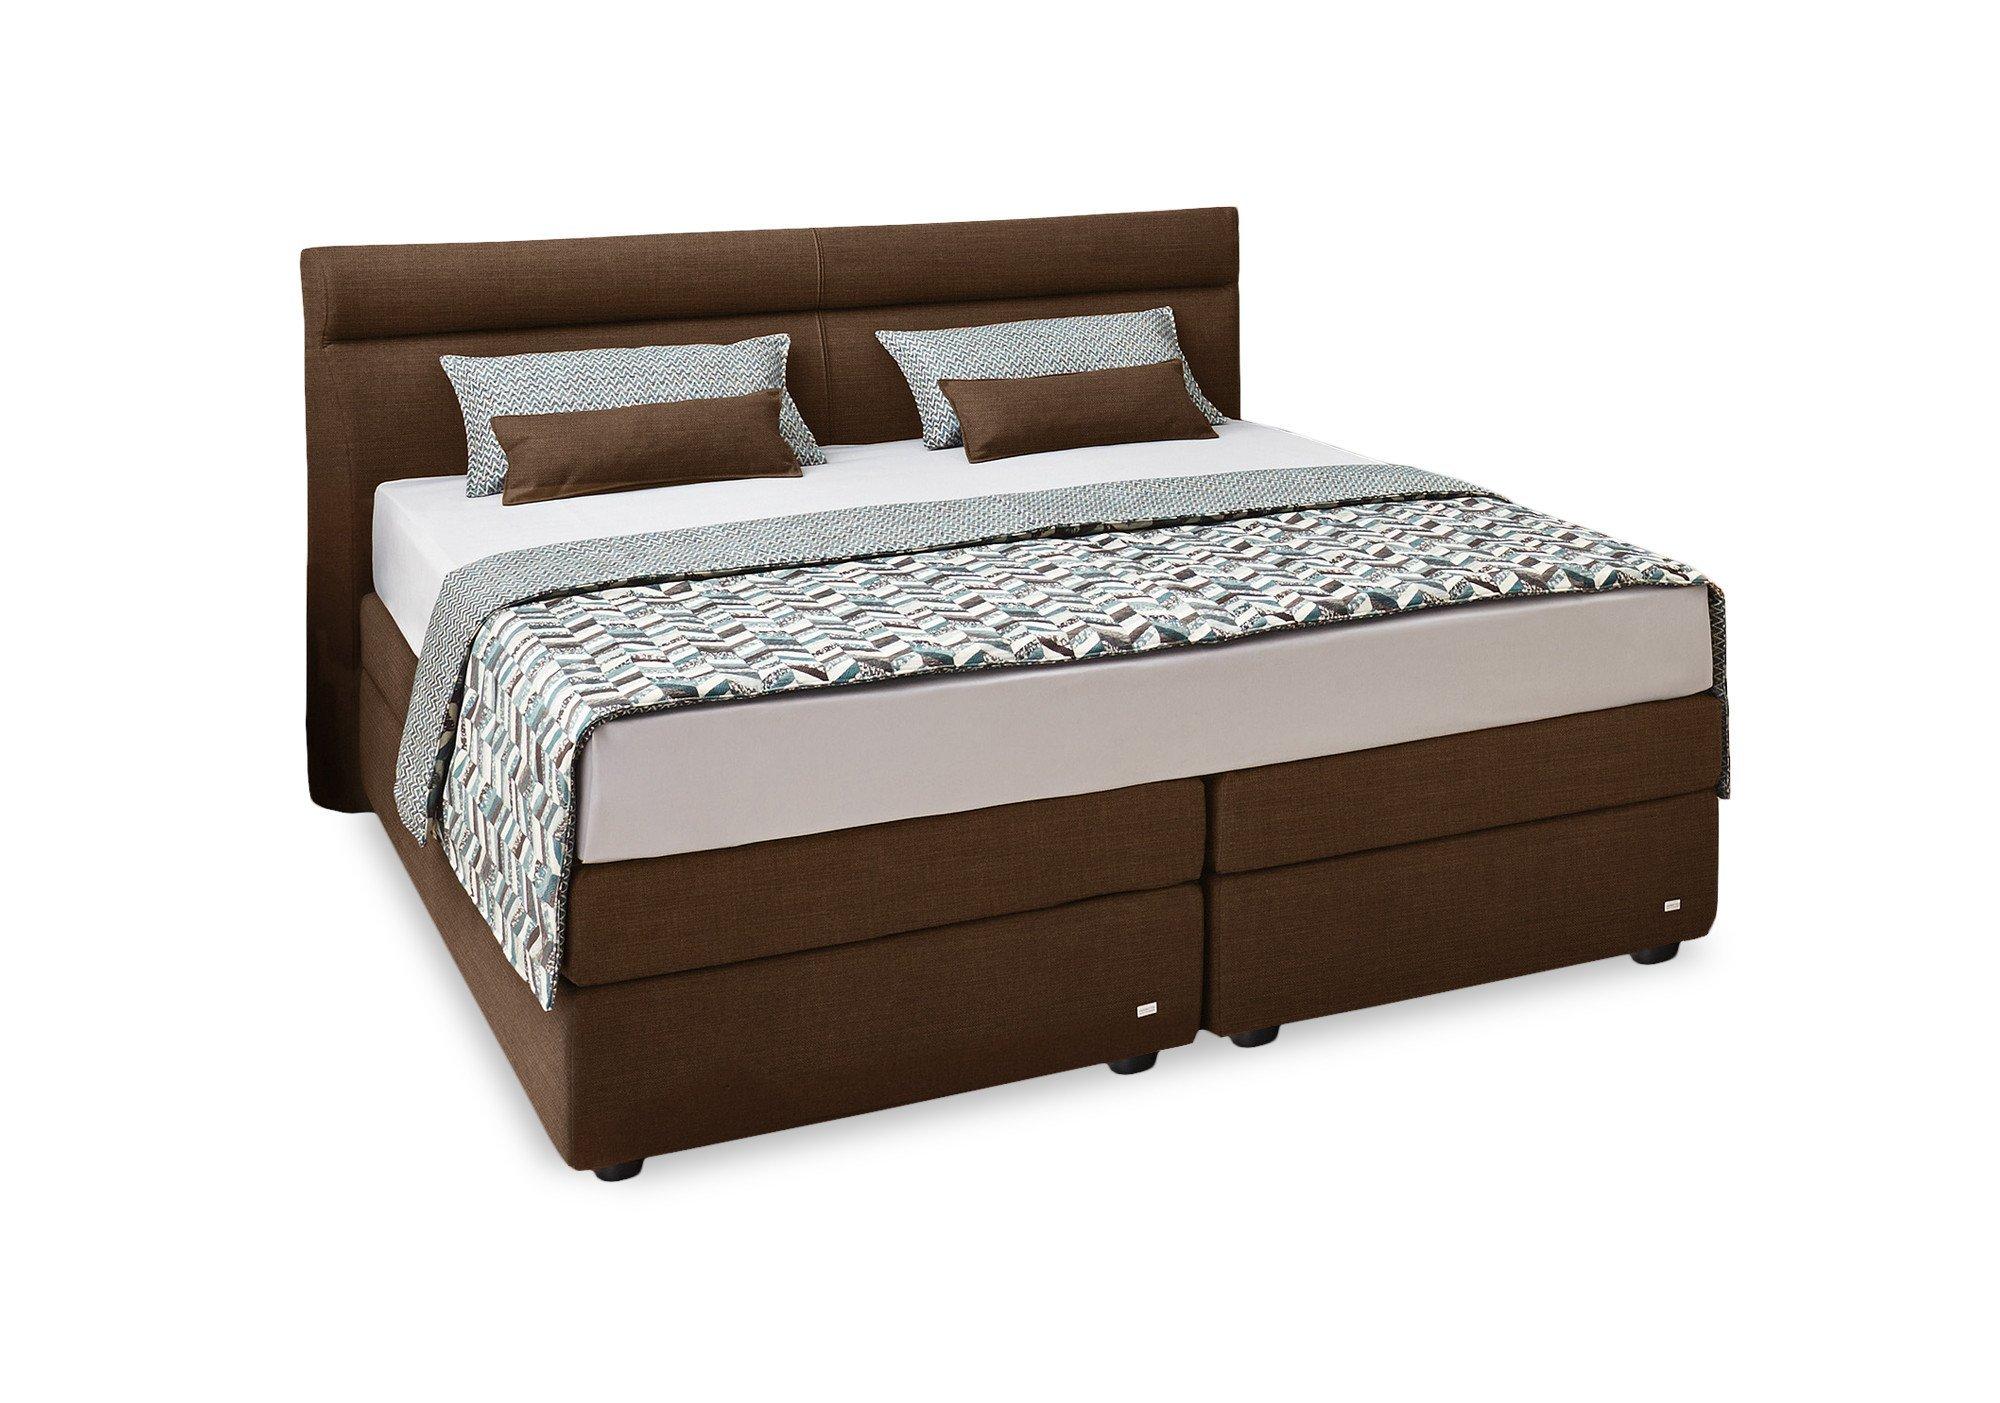 boxspringbett veronesse von ruf in braun m bel letz. Black Bedroom Furniture Sets. Home Design Ideas